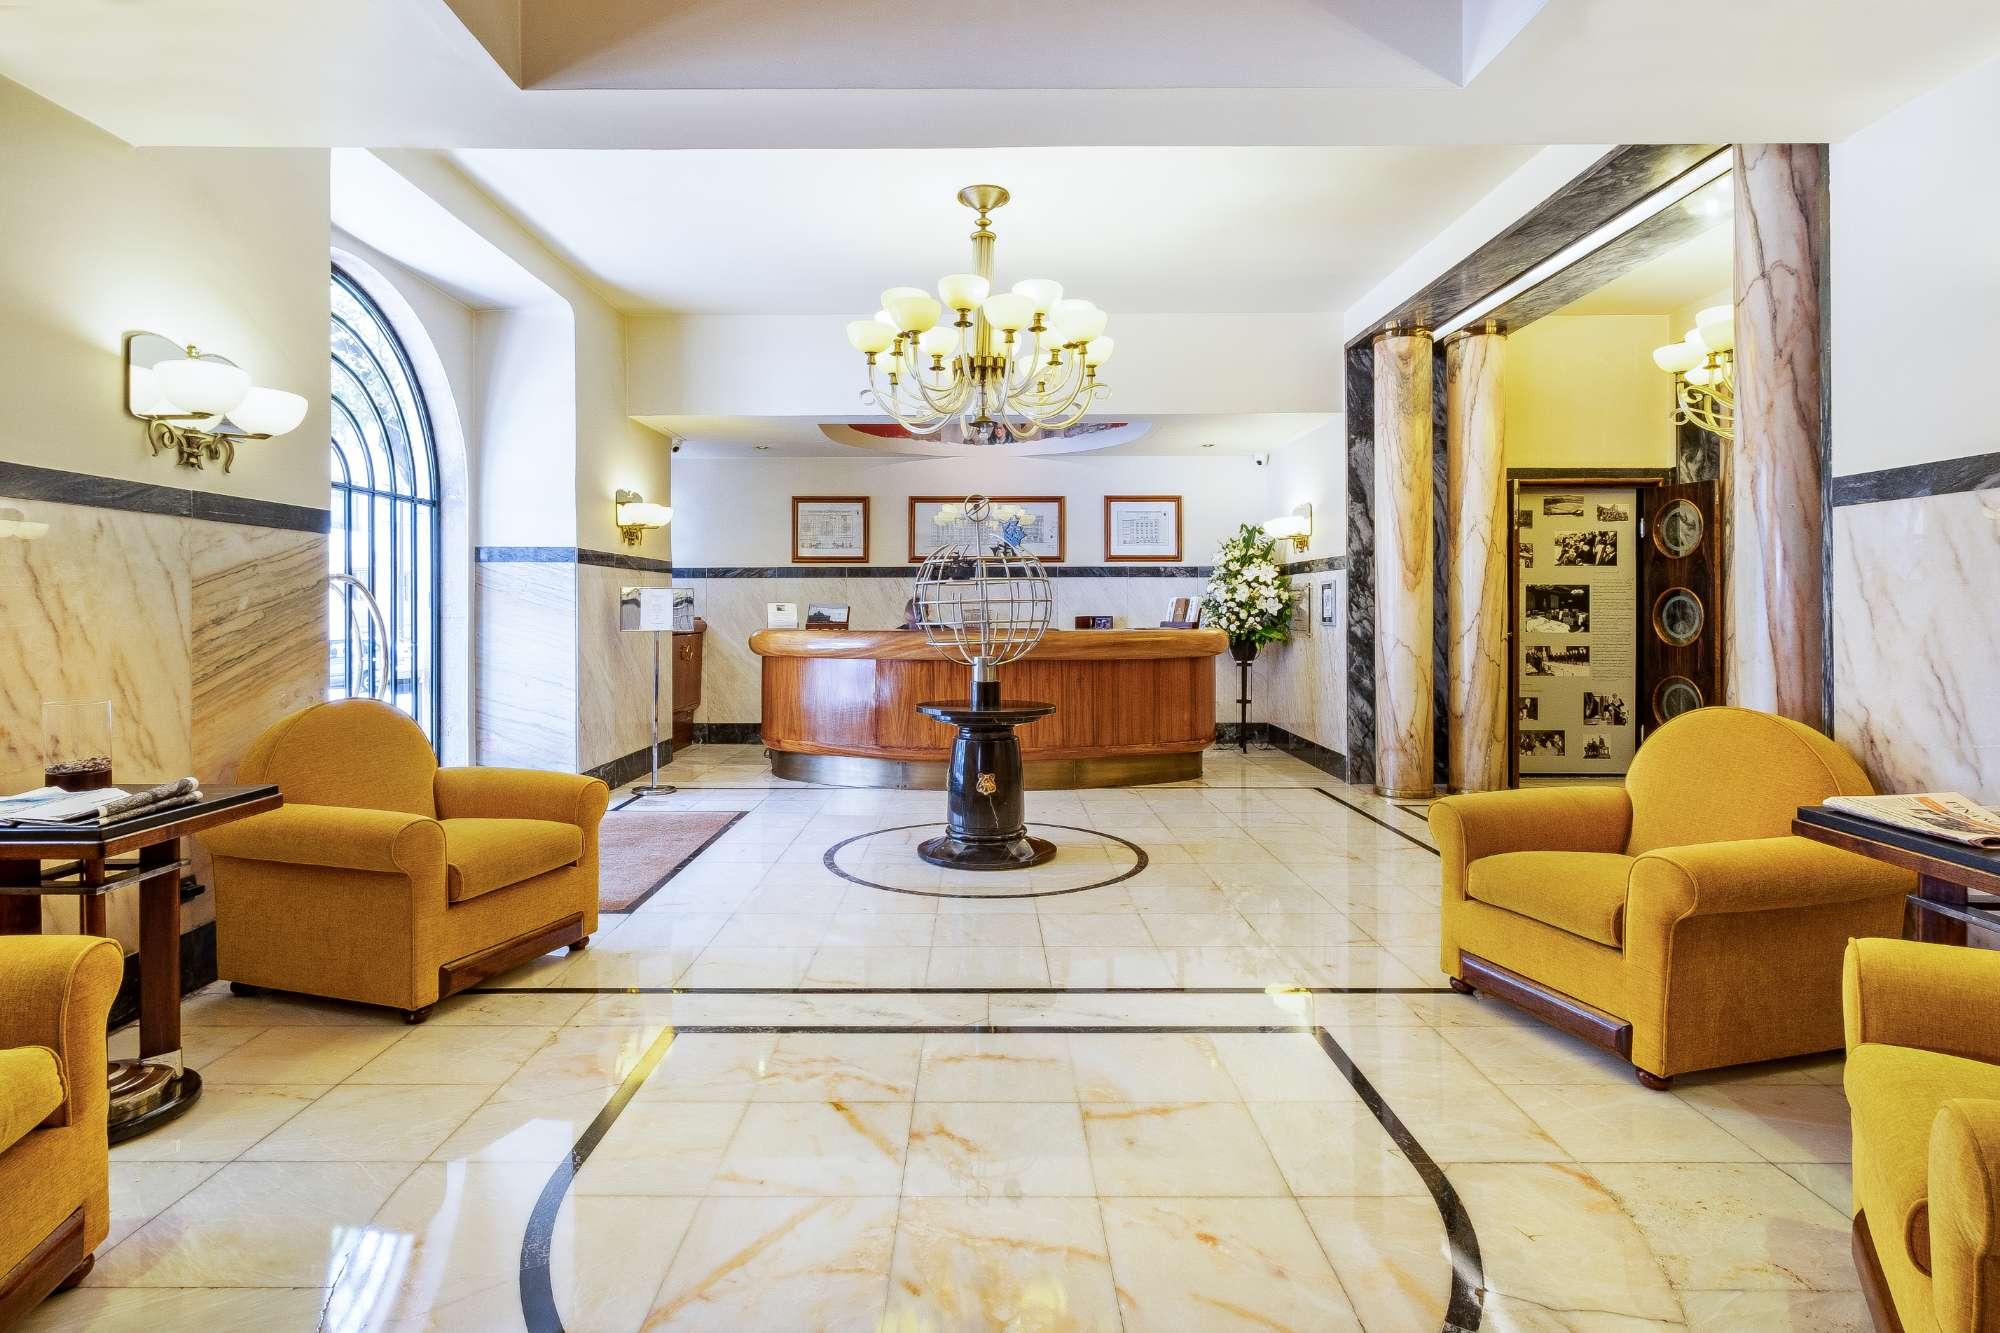 PF24265, Quarto Residencial, Lisboa